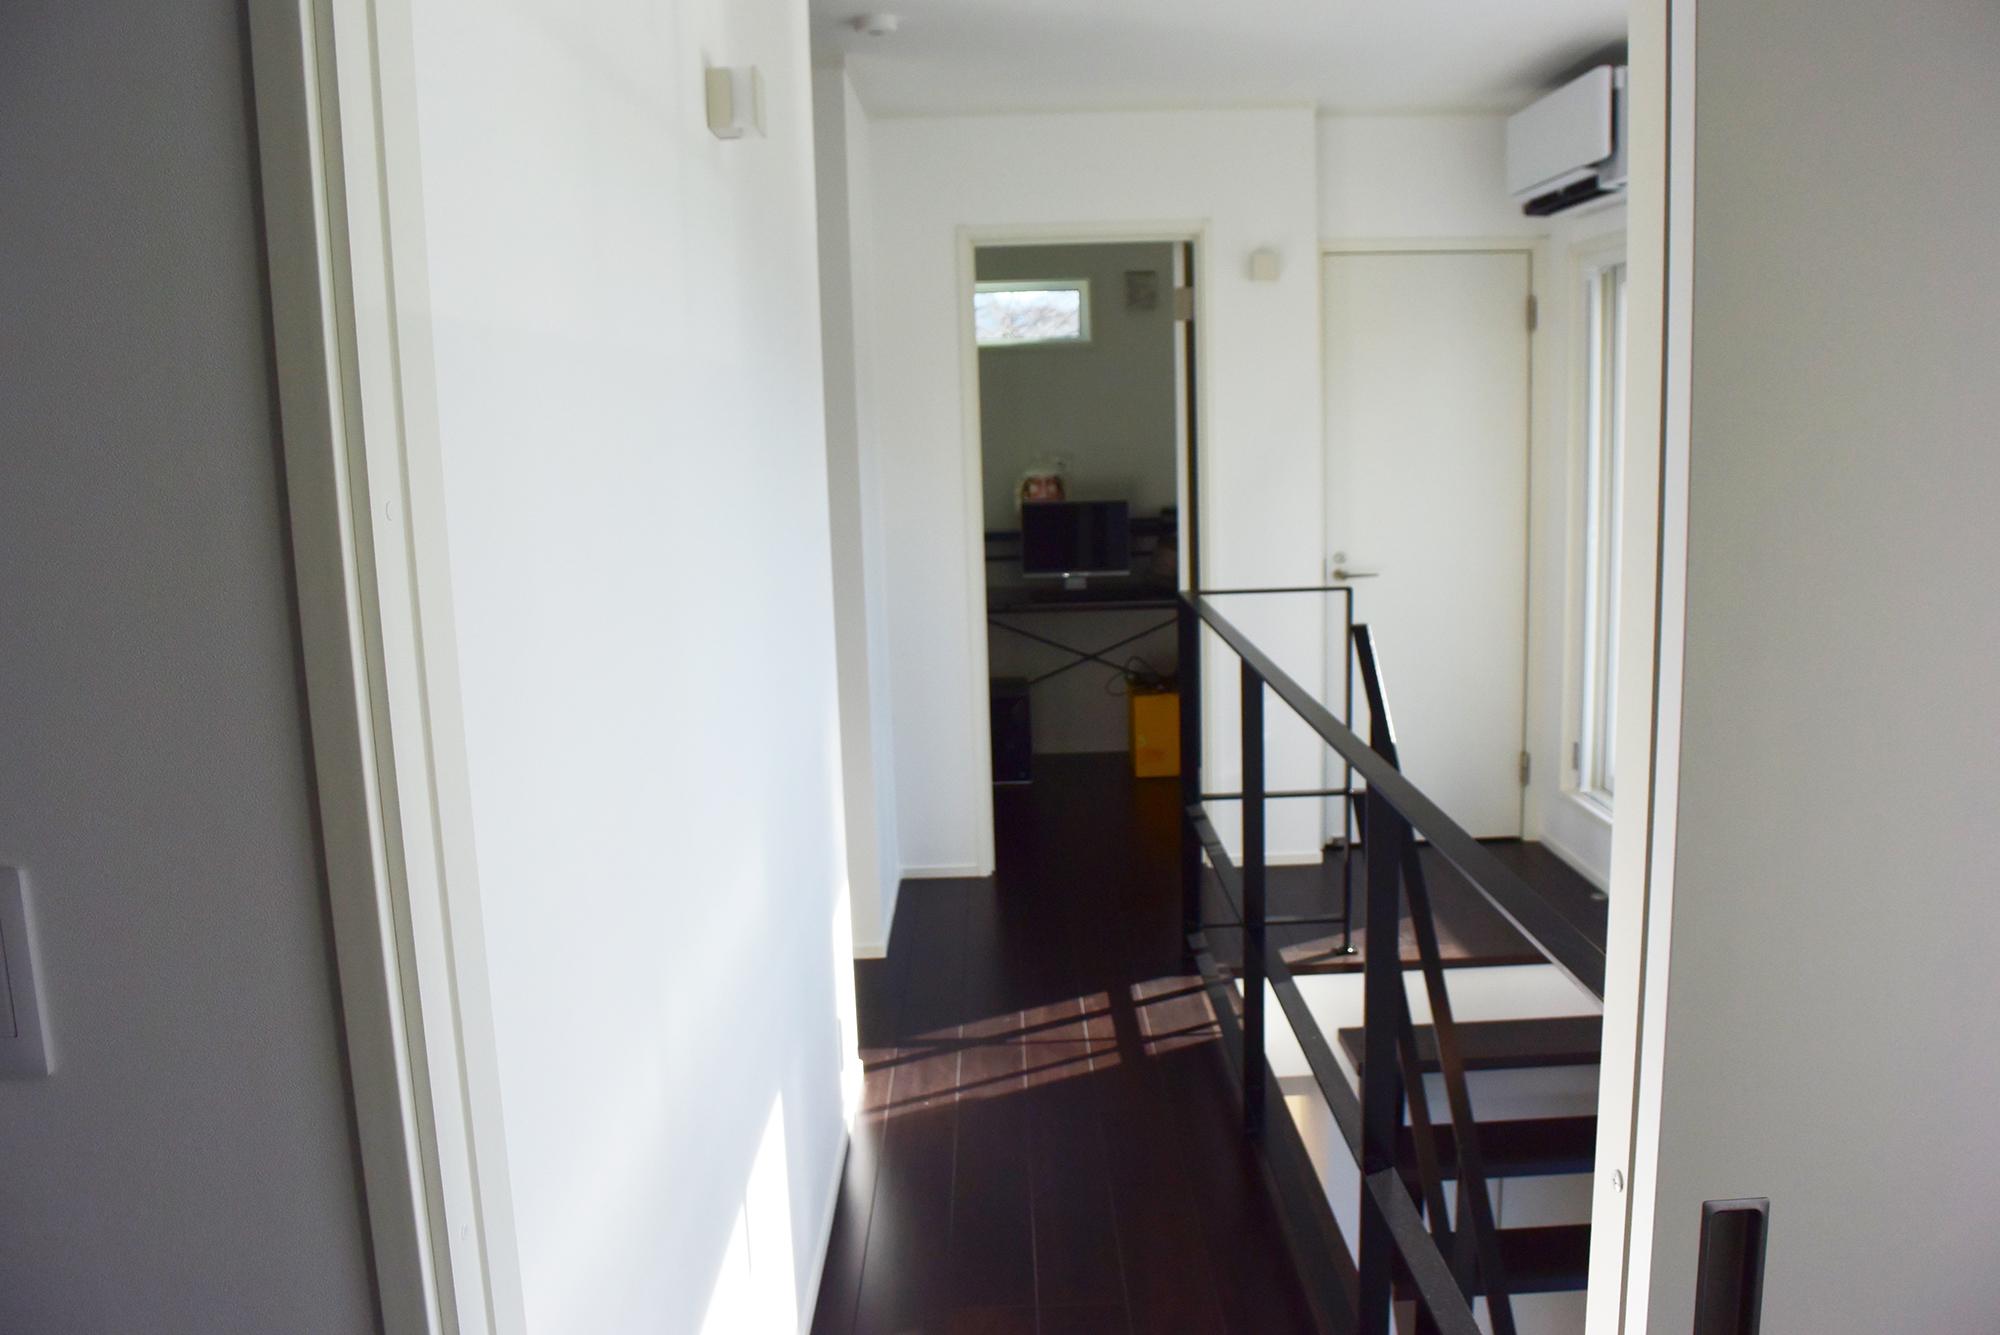 二階廊下は燦々と陽の光も感じながら、しあわせな空間となっています。